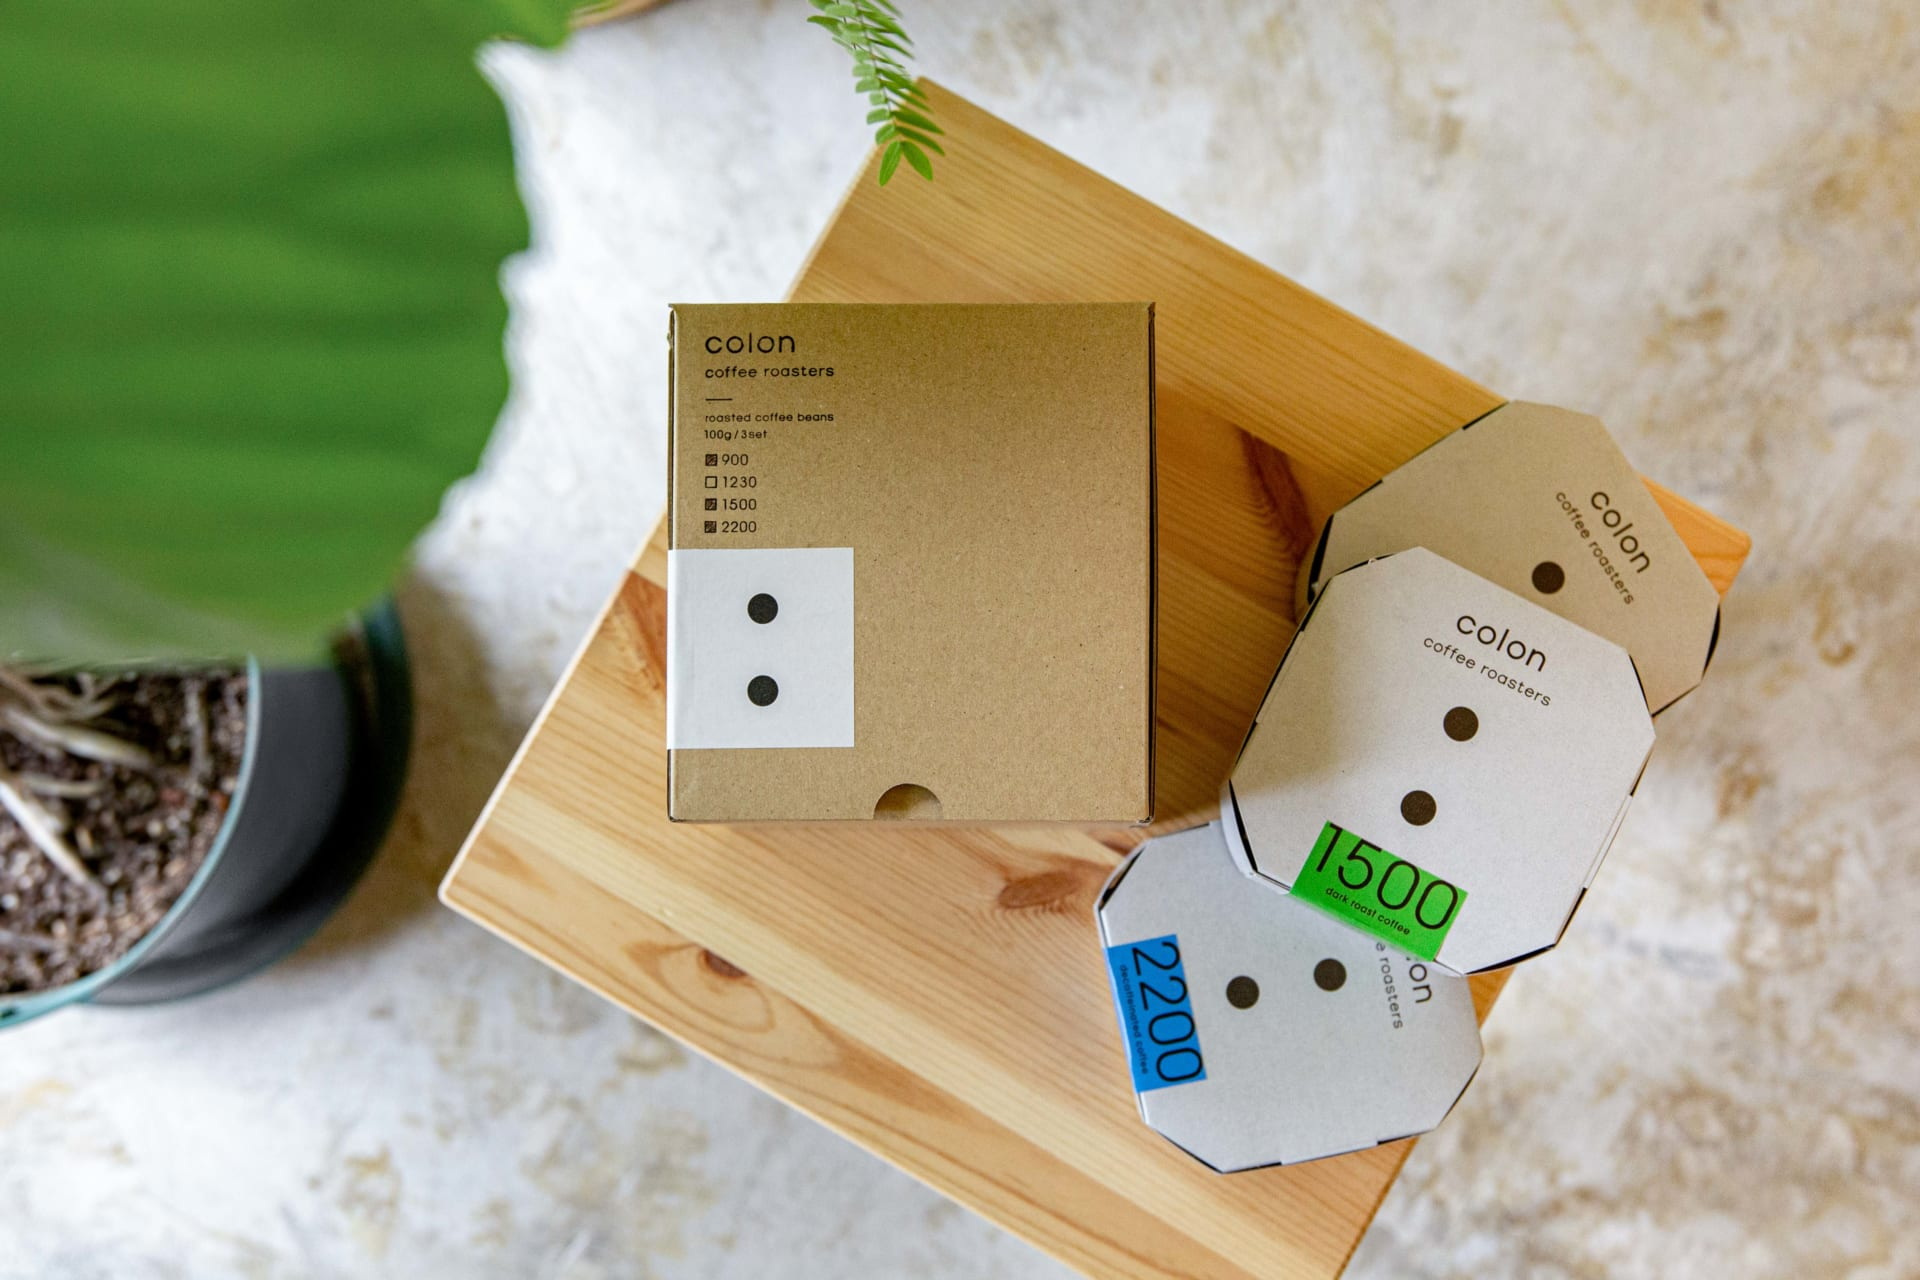 働き方やライフスタイルに合わせた「飲む時間」を提案 コーヒーブランド「colon coffee roasters」 | Webマガジン「AXIS」 |  デザインのWebメディア